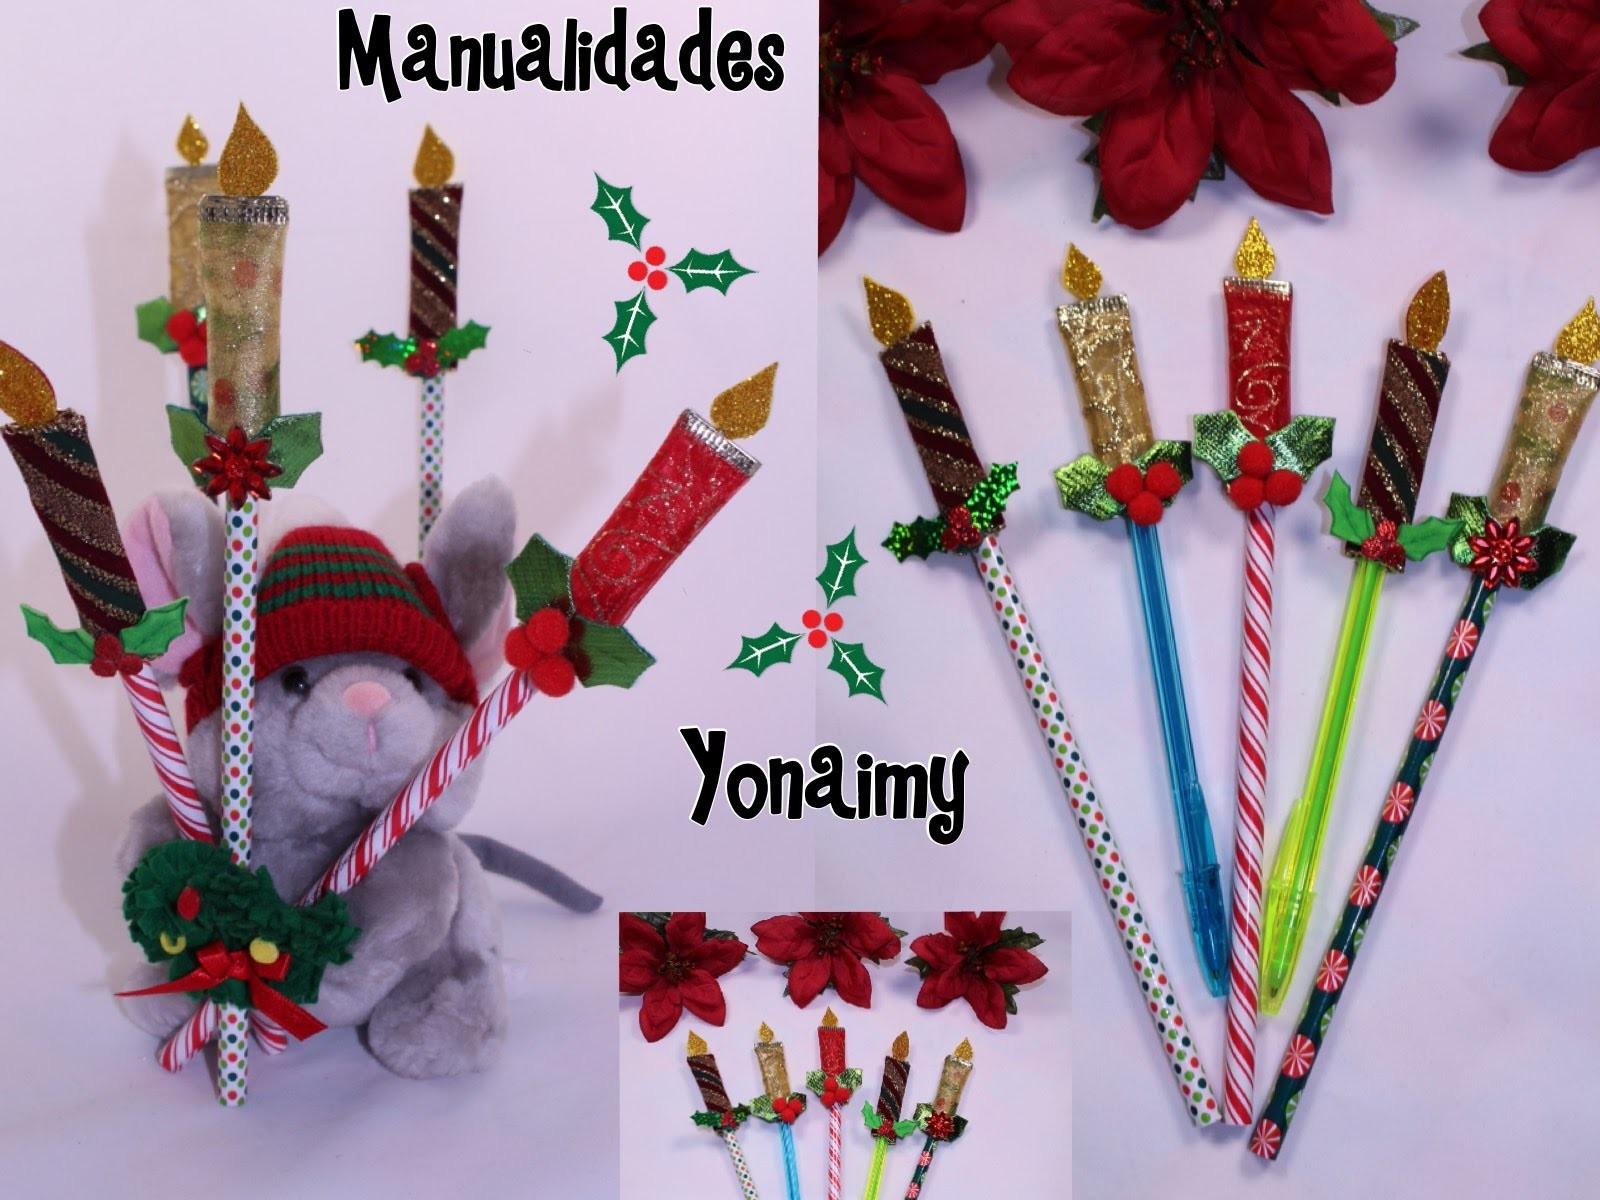 Lapices y plumas adornadas con velitas navide as for Manualidades con plumas